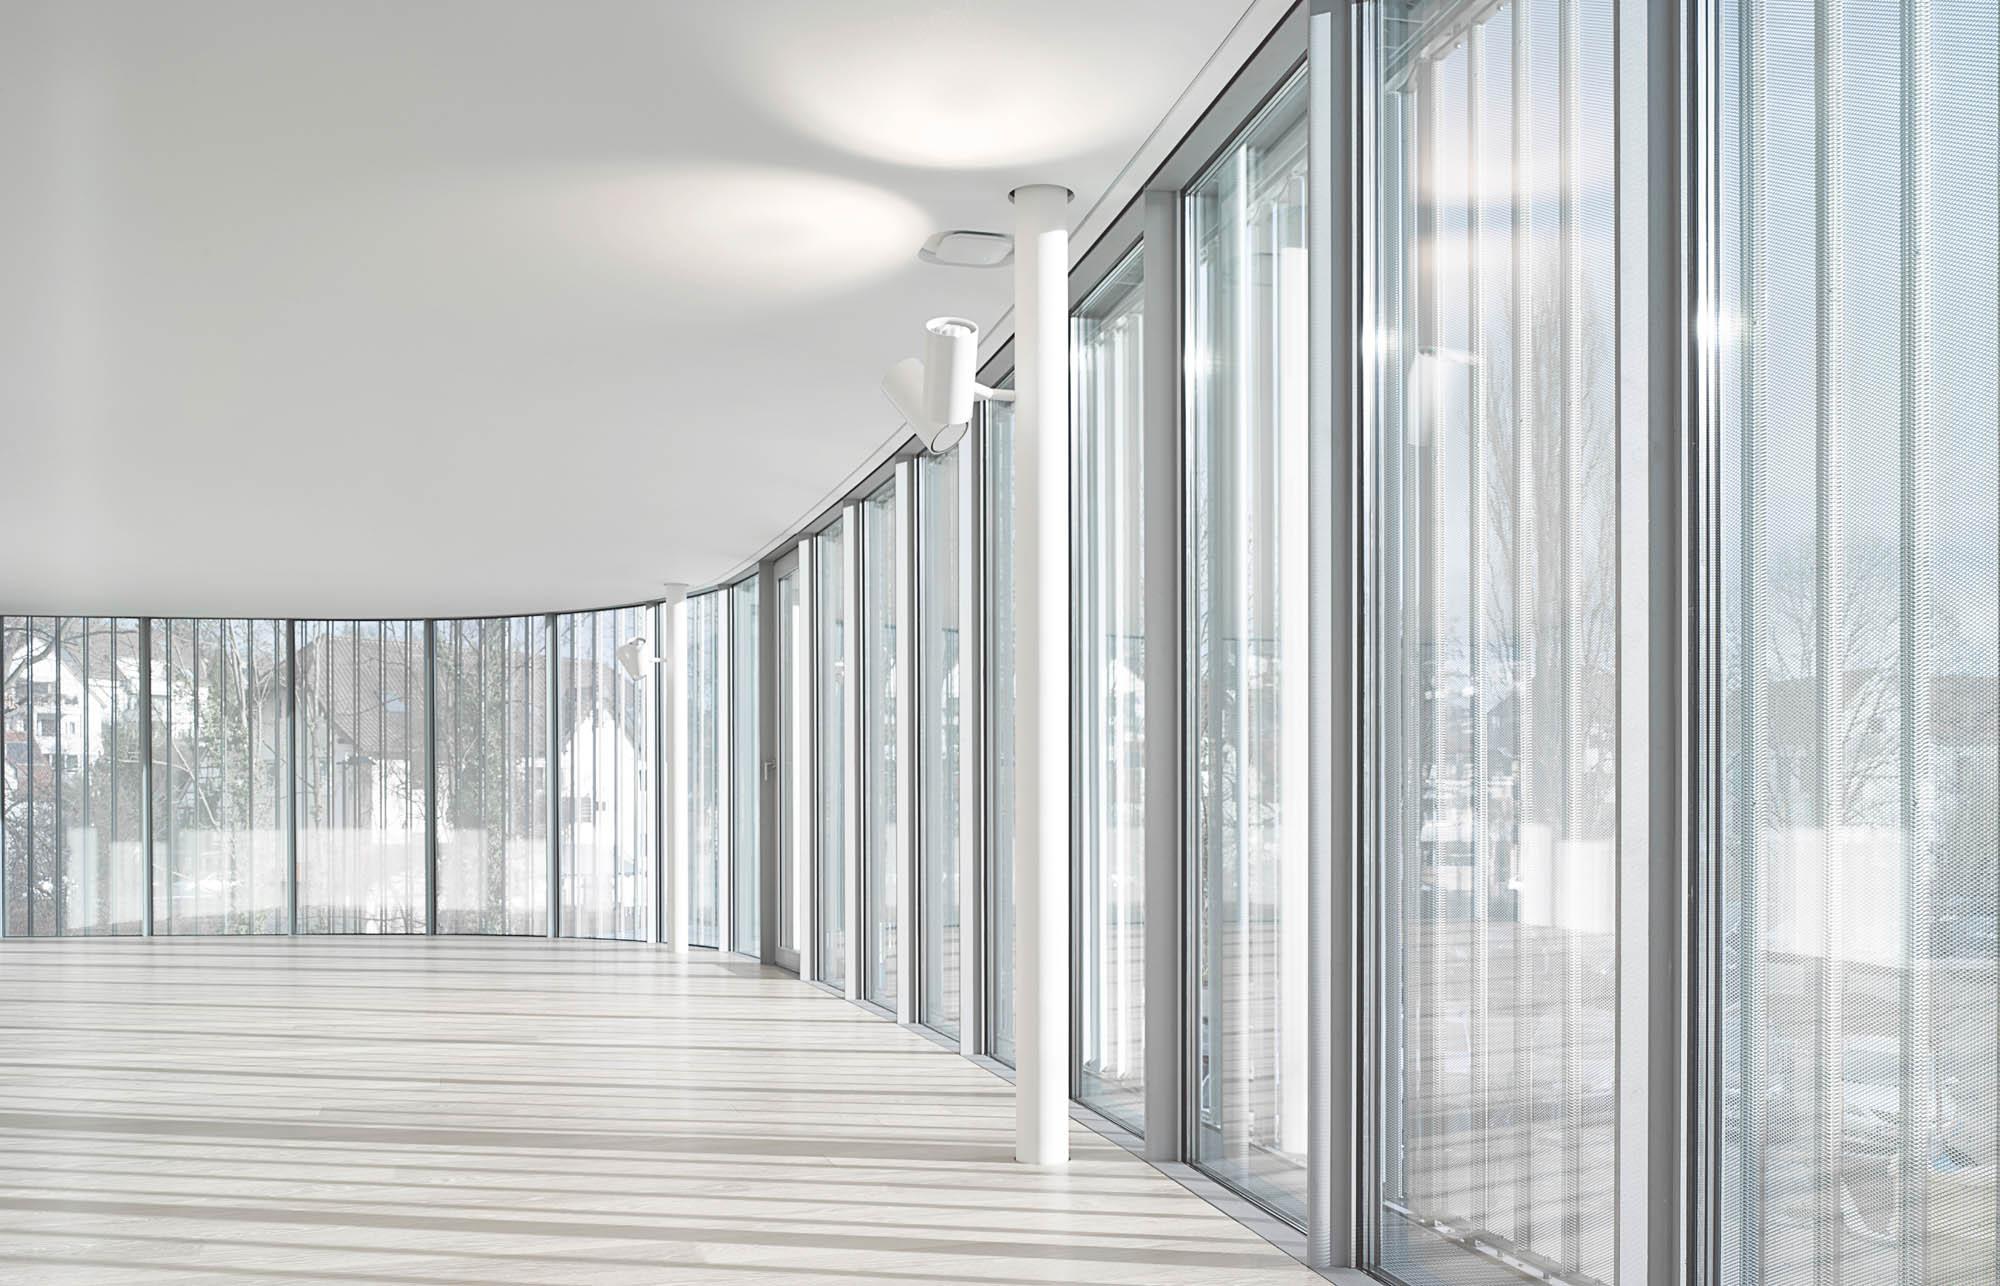 OPC 151212 0225 0 - Eva Mayr-Stihl Stiftung: Fotografie des neuen Verwaltungsgebäudes